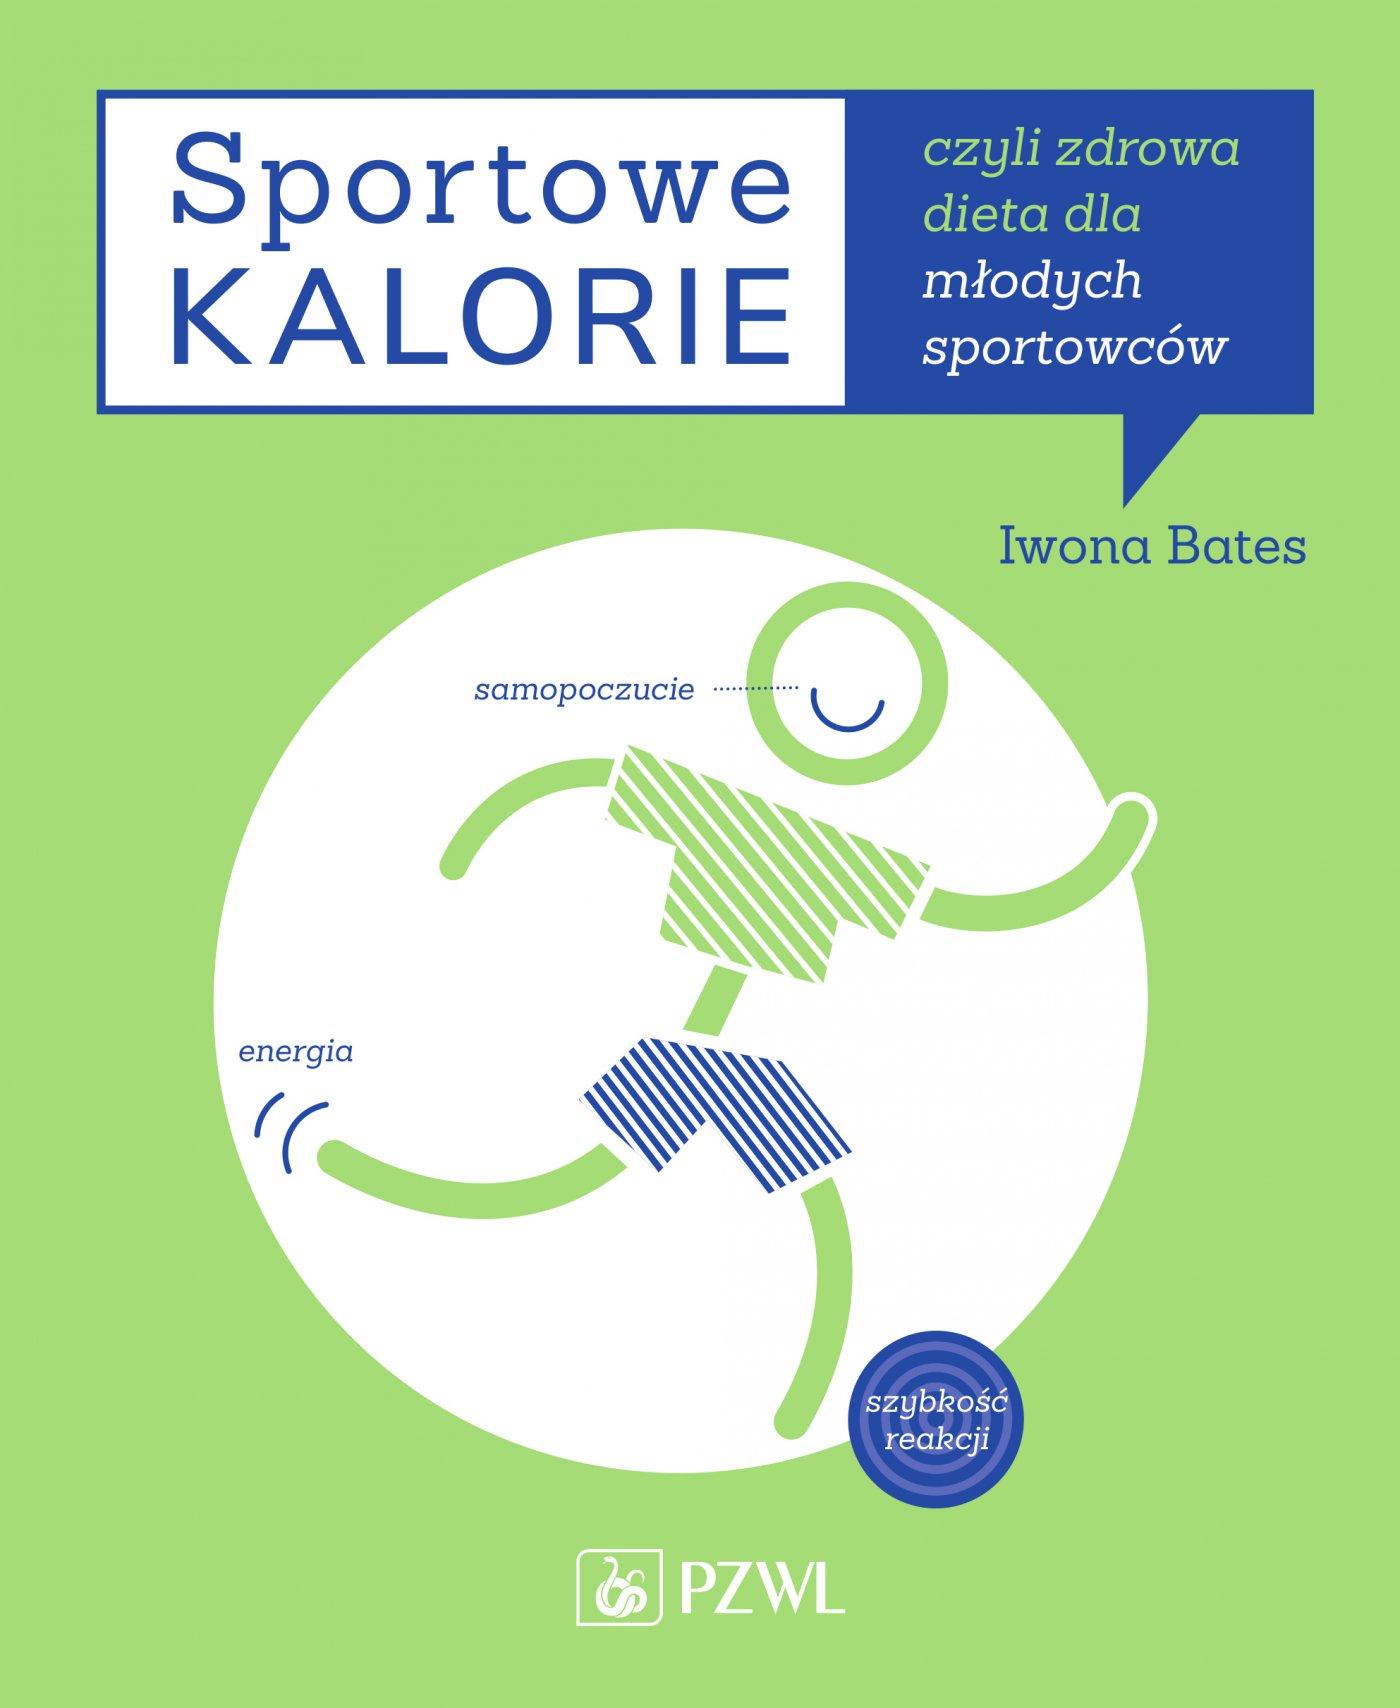 Sportowe kalorie, czyli dieta dla młodych sportowców - Ebook (Książka EPUB) do pobrania w formacie EPUB